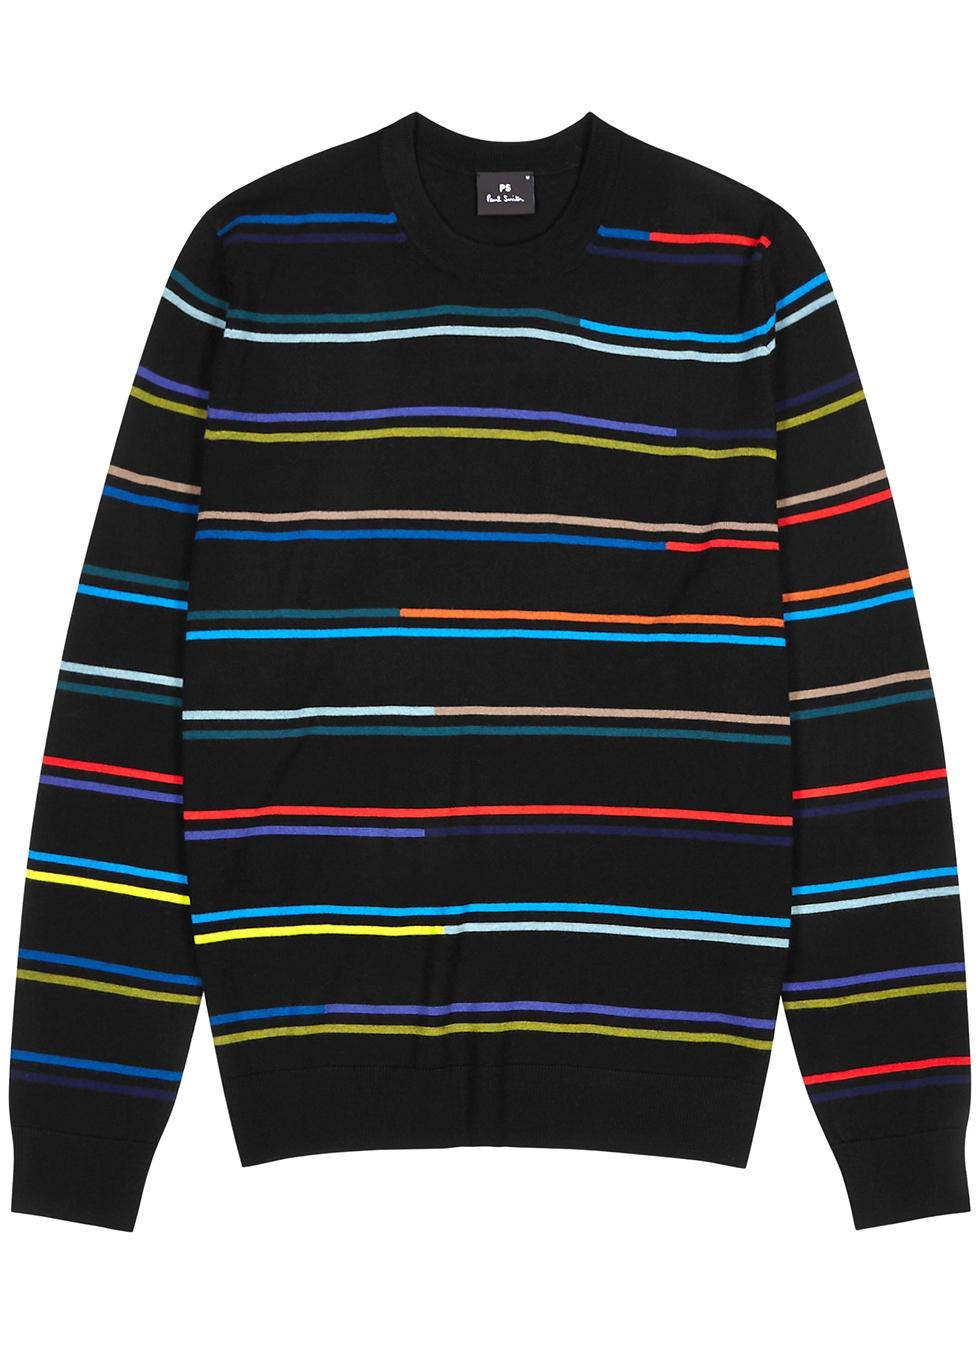 Striped merino wool jumper